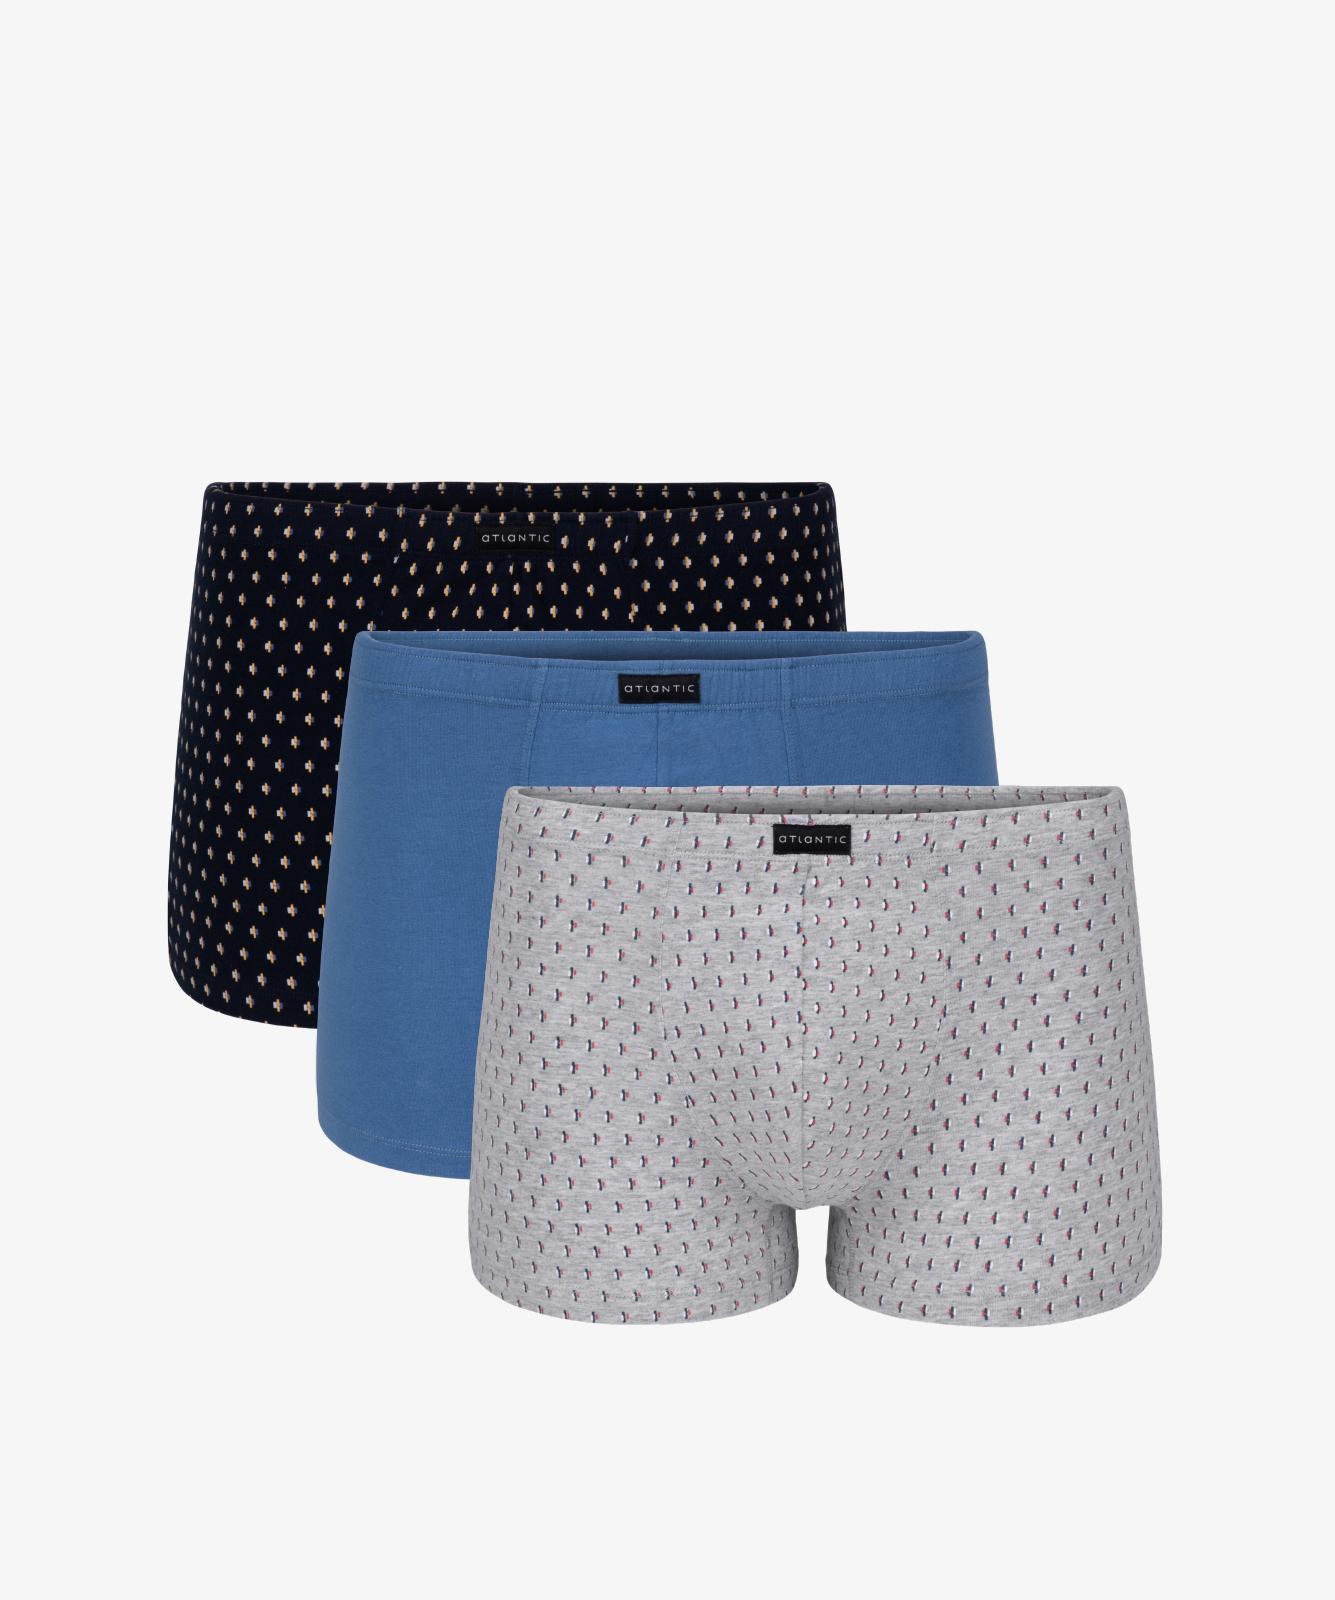 Мужские трусы шорты Atlantic, набор из 3 шт., хлопок, темно-синие + деним + серый меланж, 3MH-016